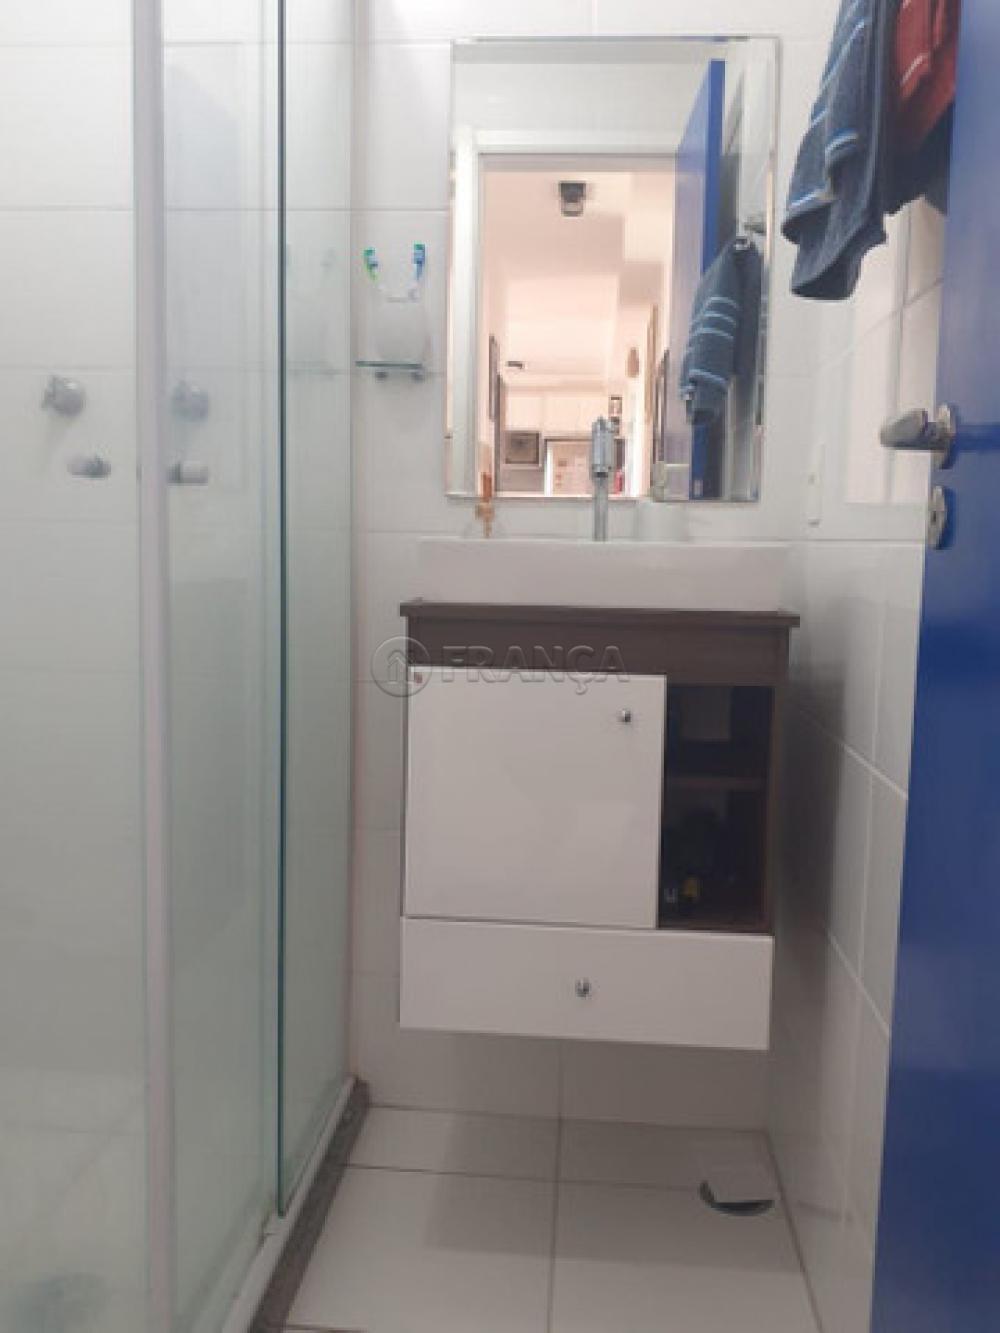 Comprar Apartamento / Padrão em São José dos Campos apenas R$ 225.000,00 - Foto 10